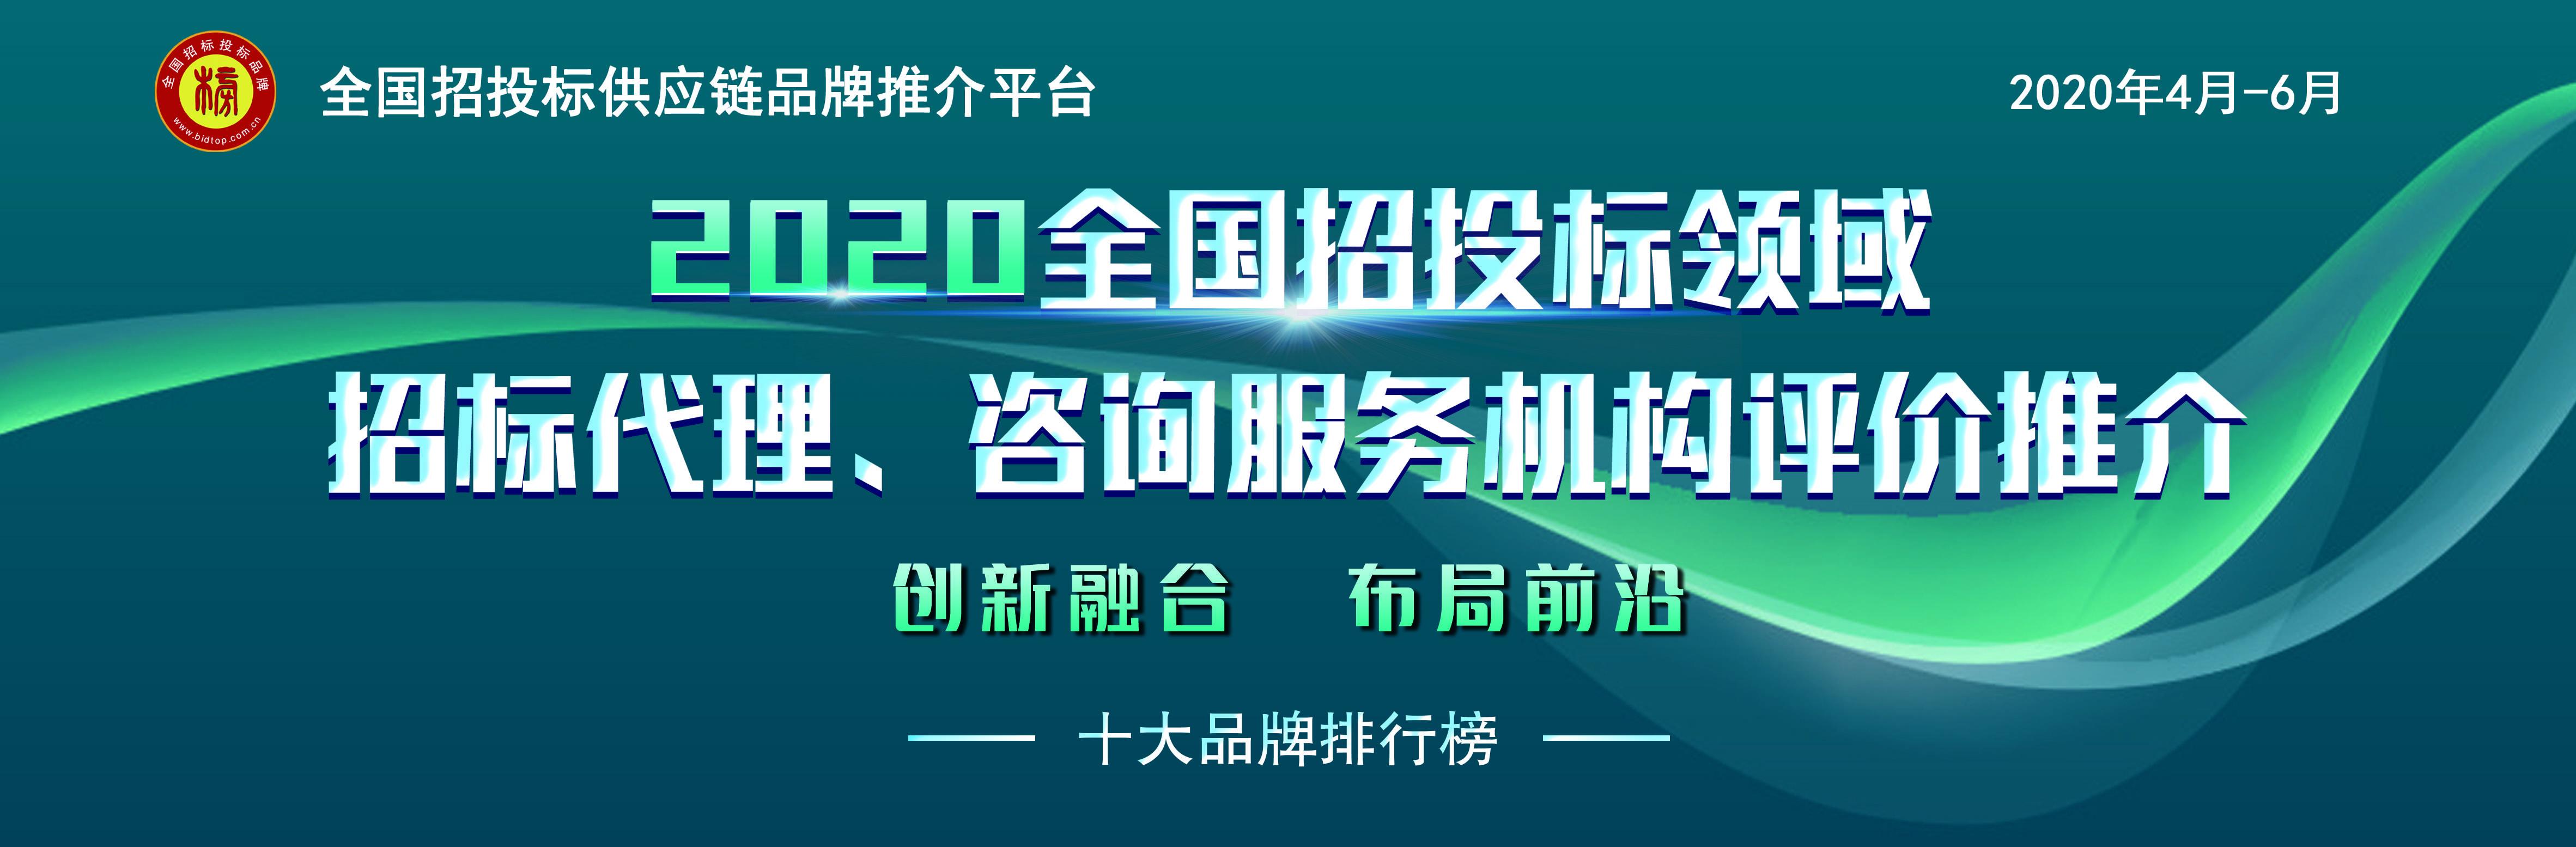 2020中国招标代办署理优质效劳十佳品牌